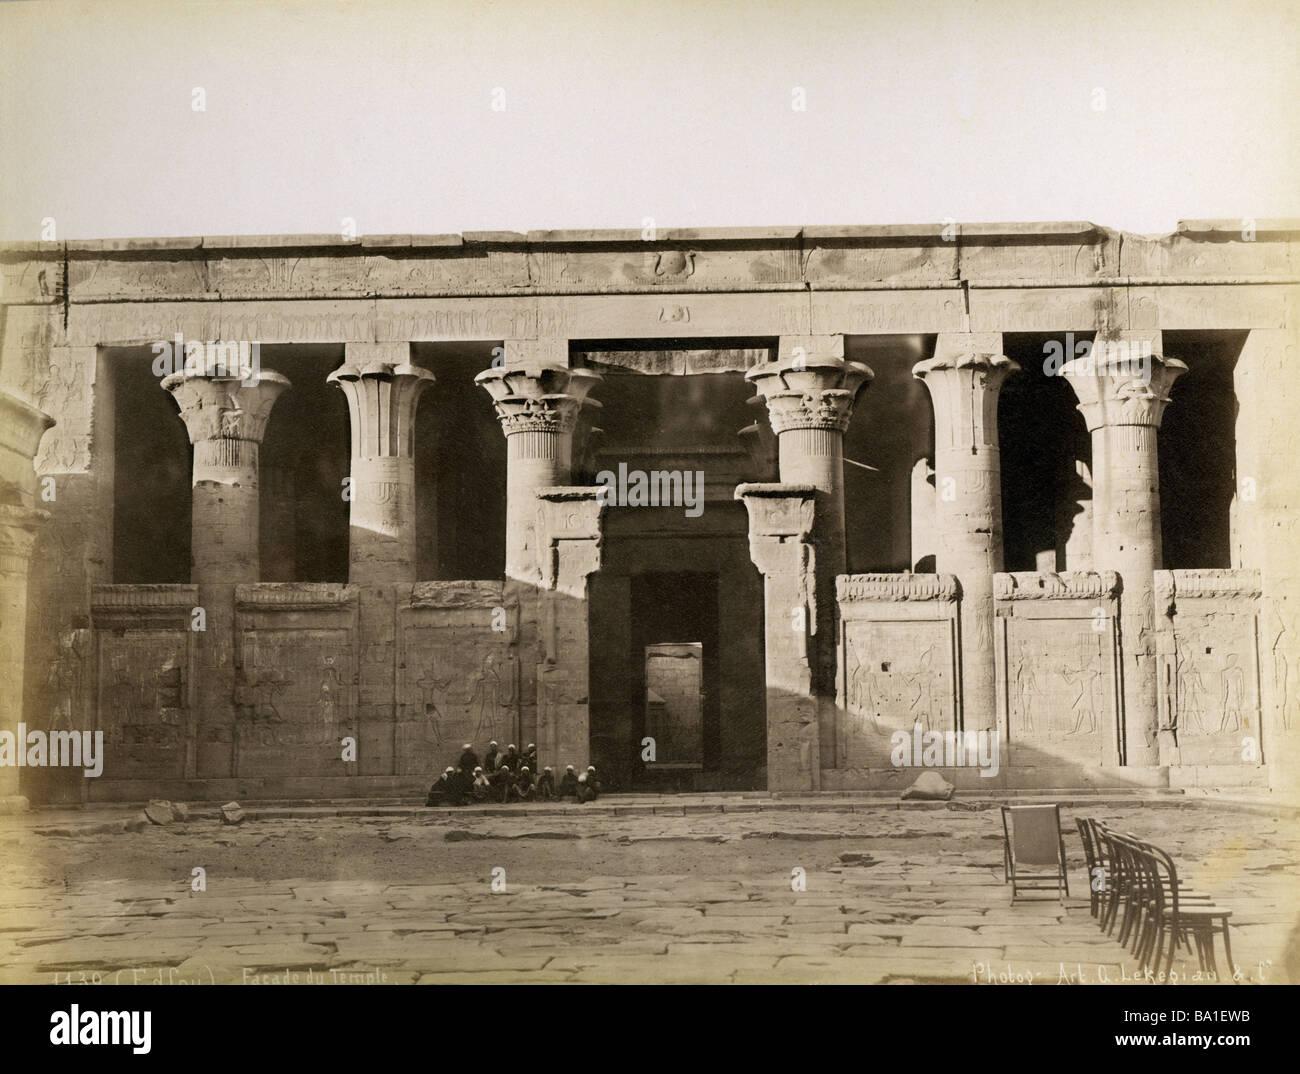 Geografia / viaggi, Egitto, di Edfu, il Tempio di Horus, corte interna, fotografia di Gabriel Lekegian e Co., circa Immagini Stock